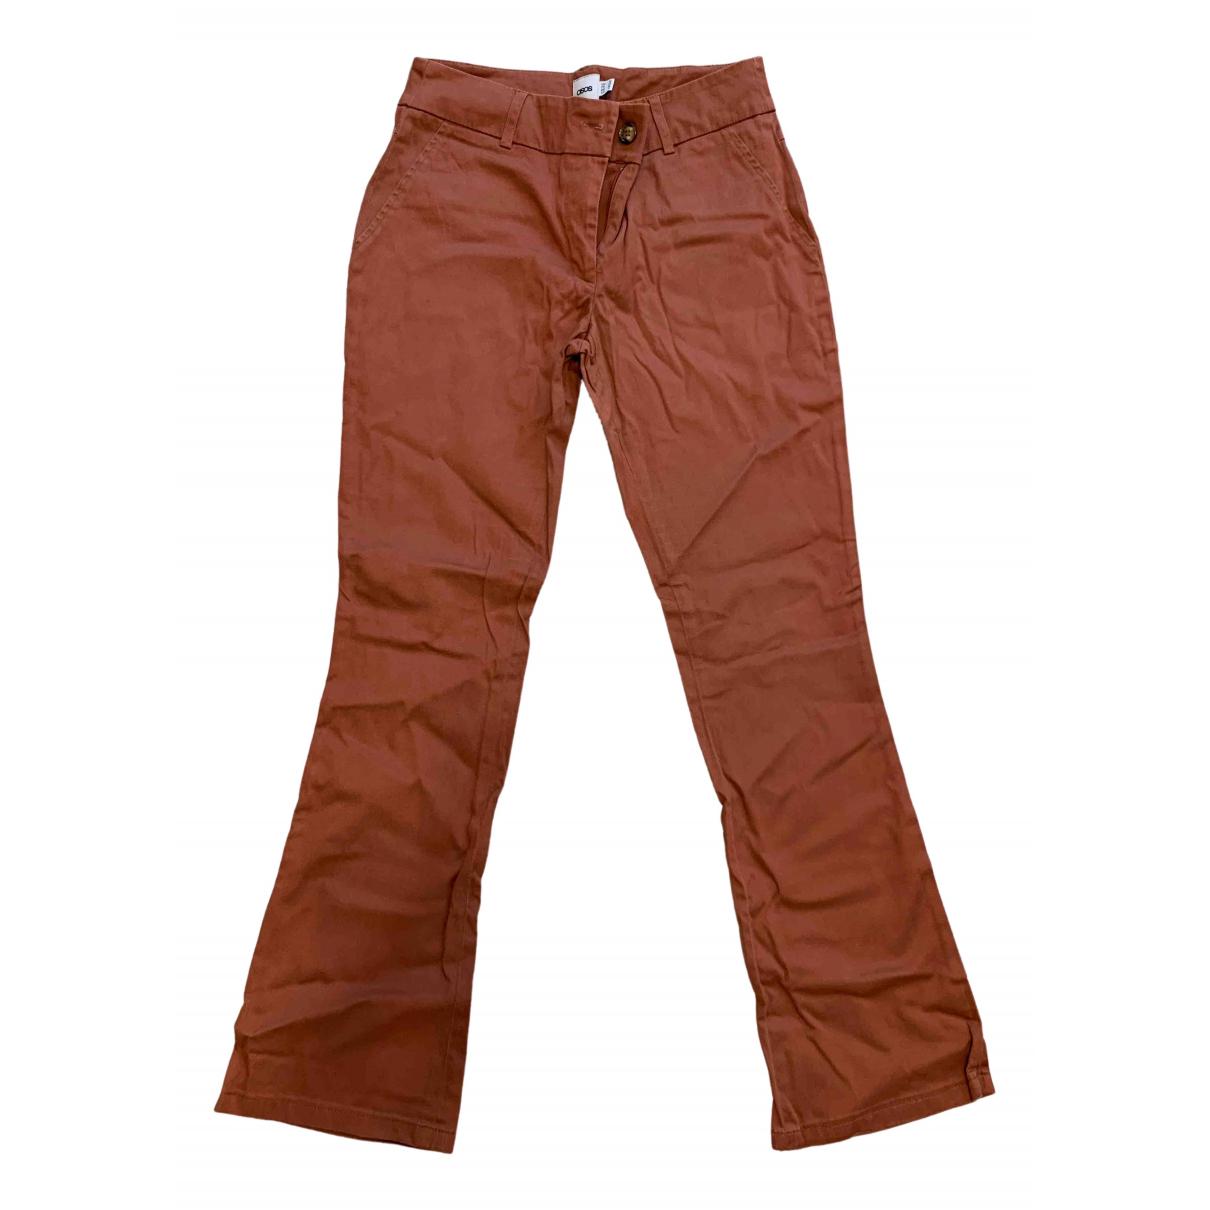 Pantalon en Poliester Marron Asos